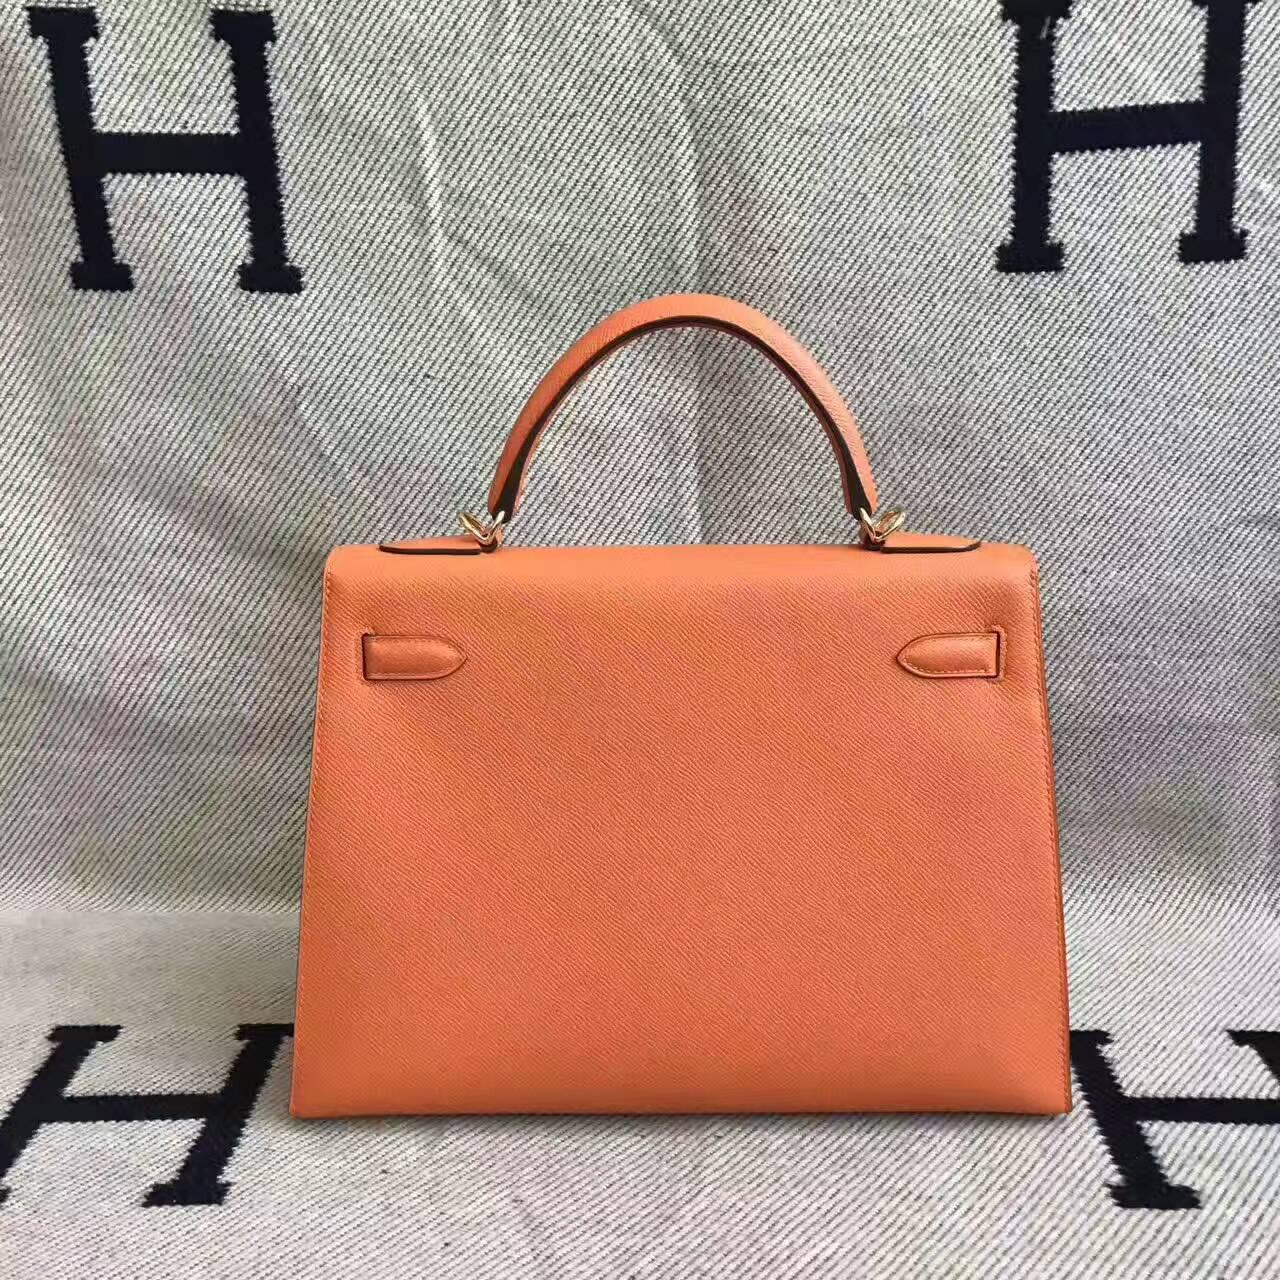 Discount Hermes 93 Orange Epsom Calfskin Leather Sellier Kelly Bag 32CM